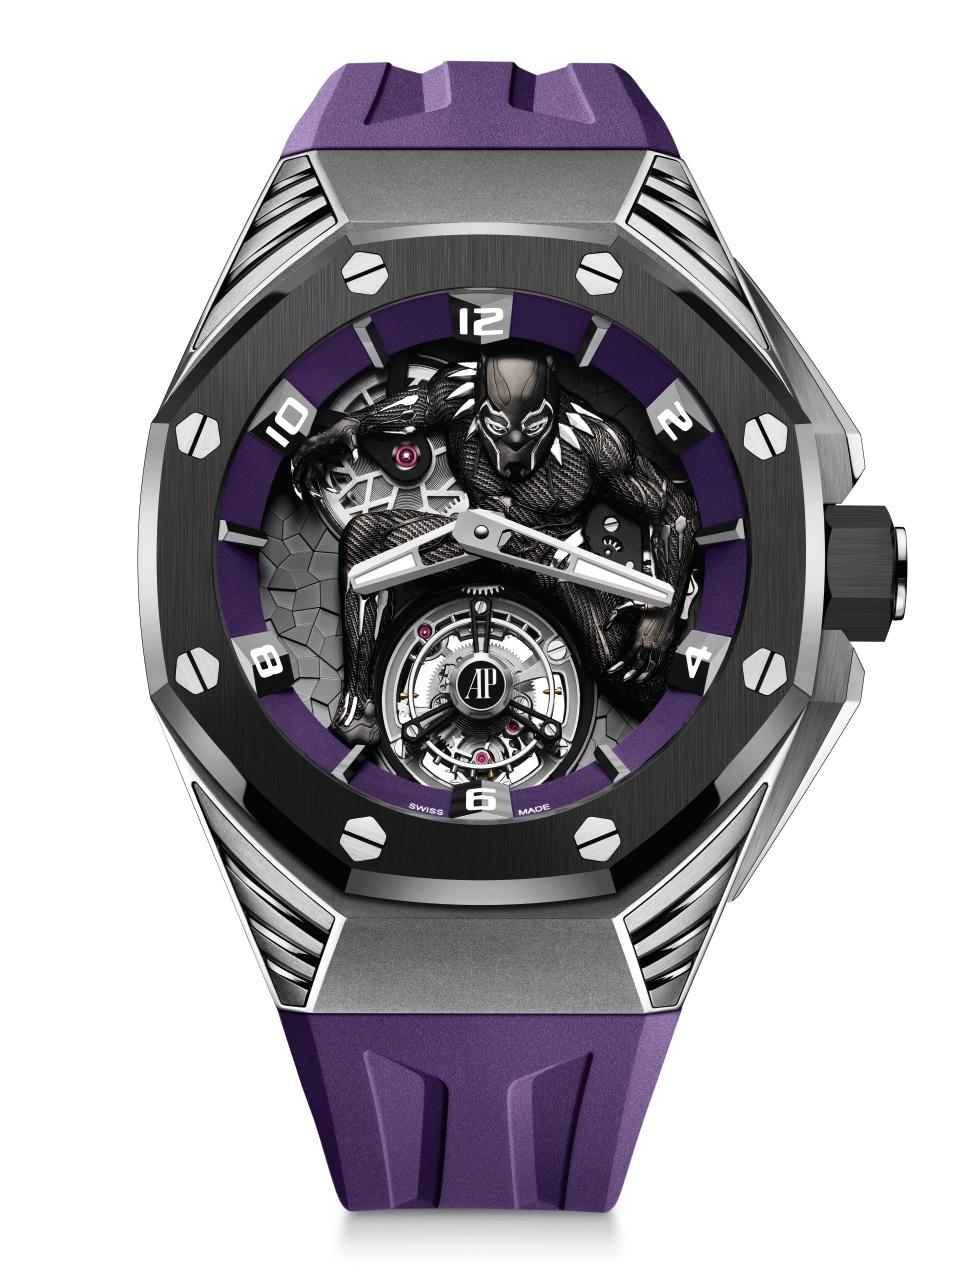 Audemars Piguet Black panther watch